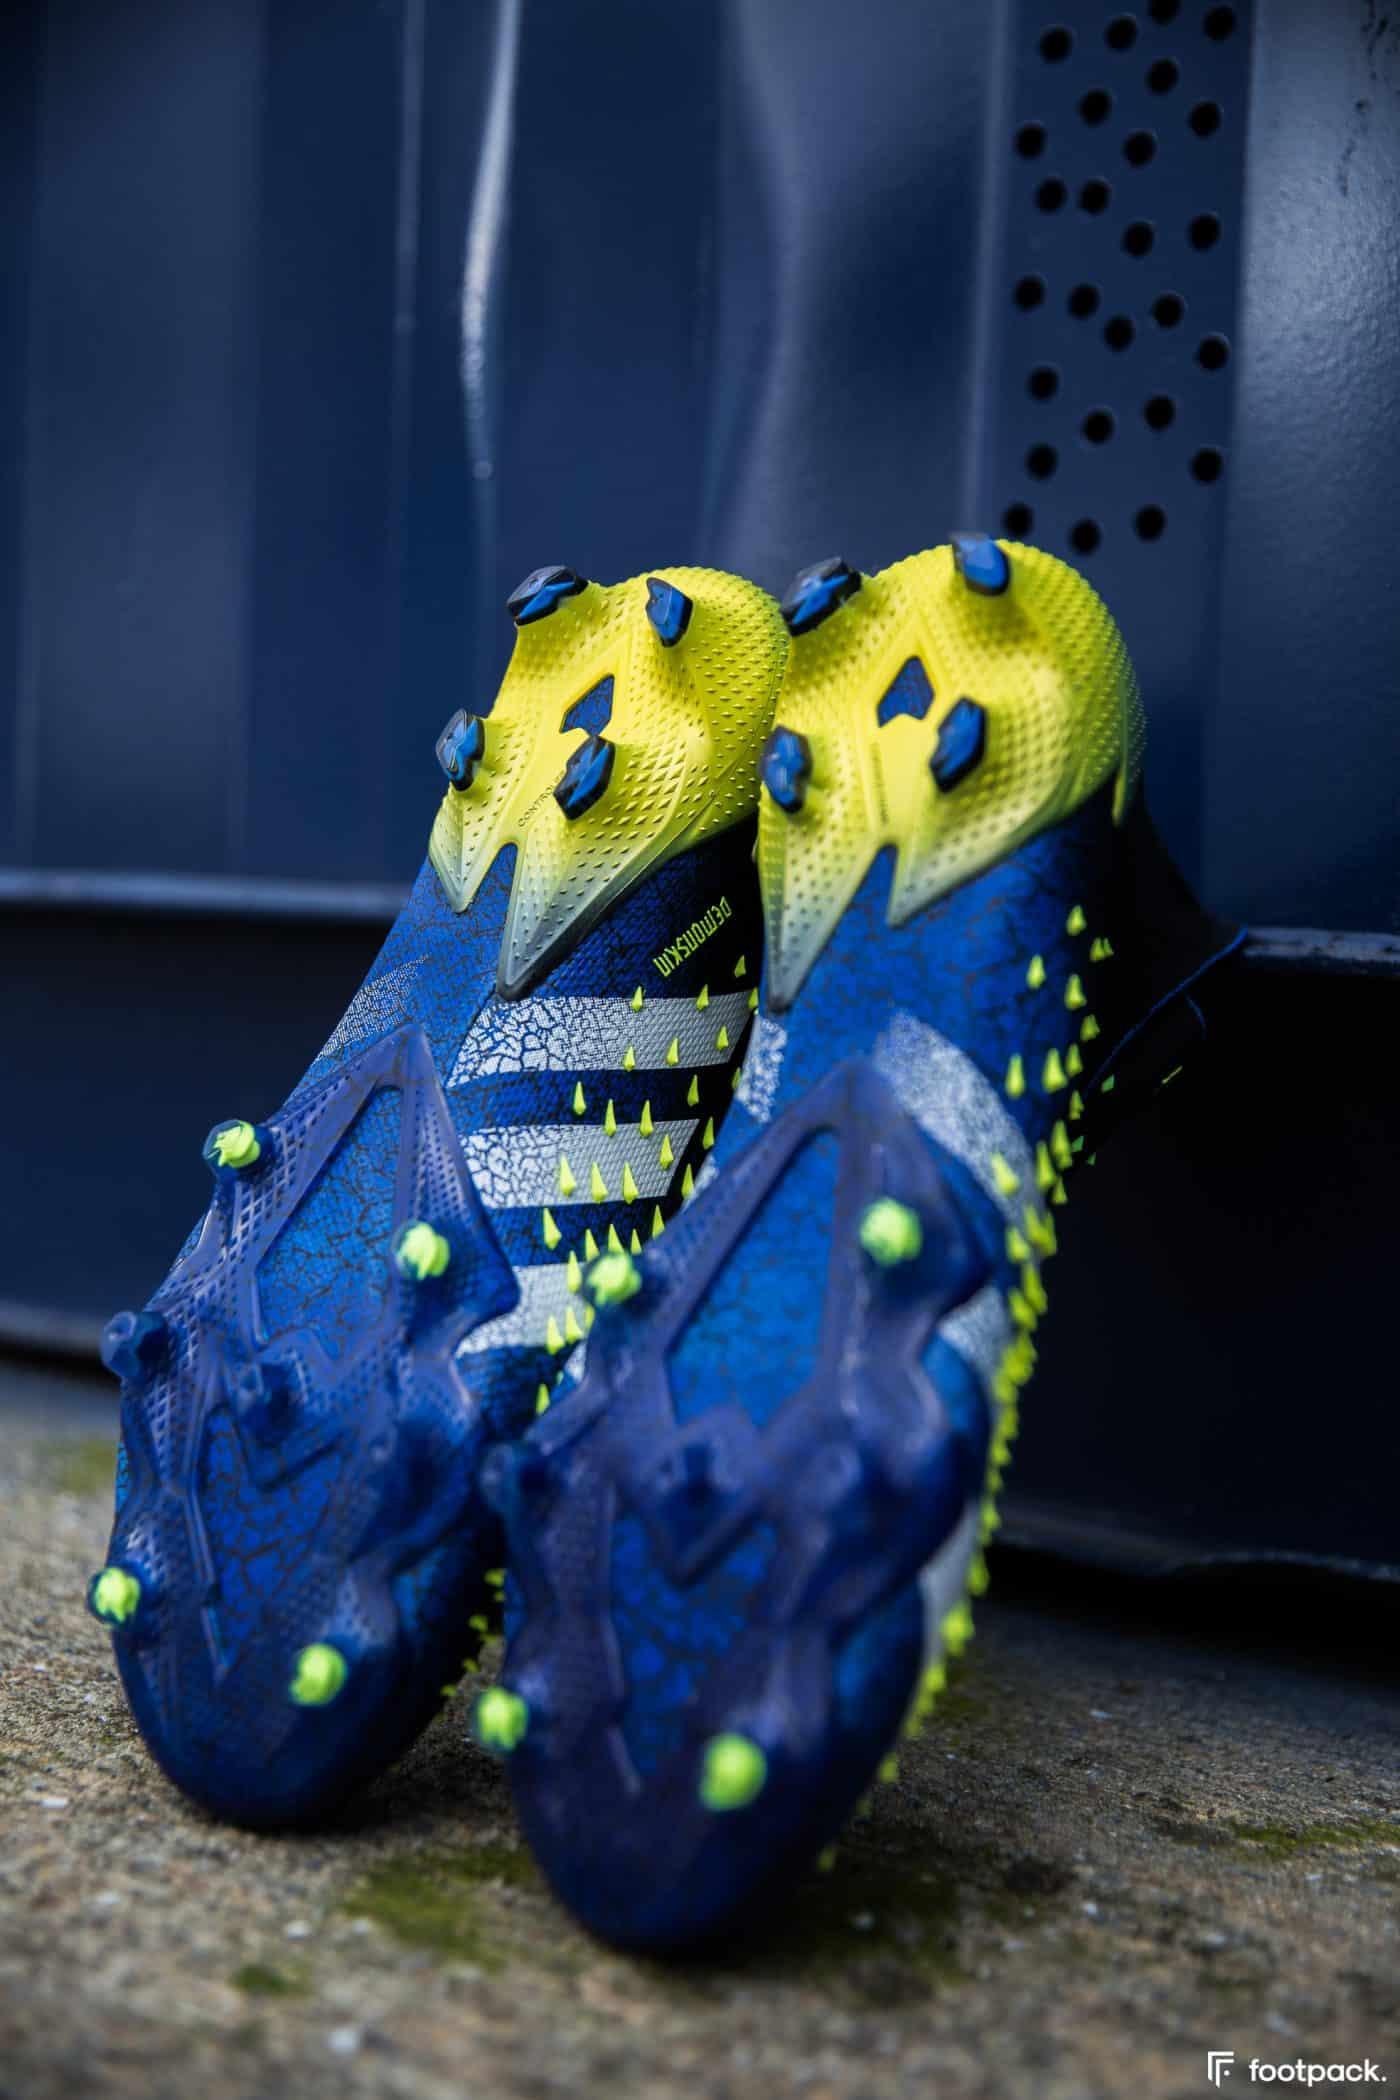 adidas-predator-freak-21-footpack-21